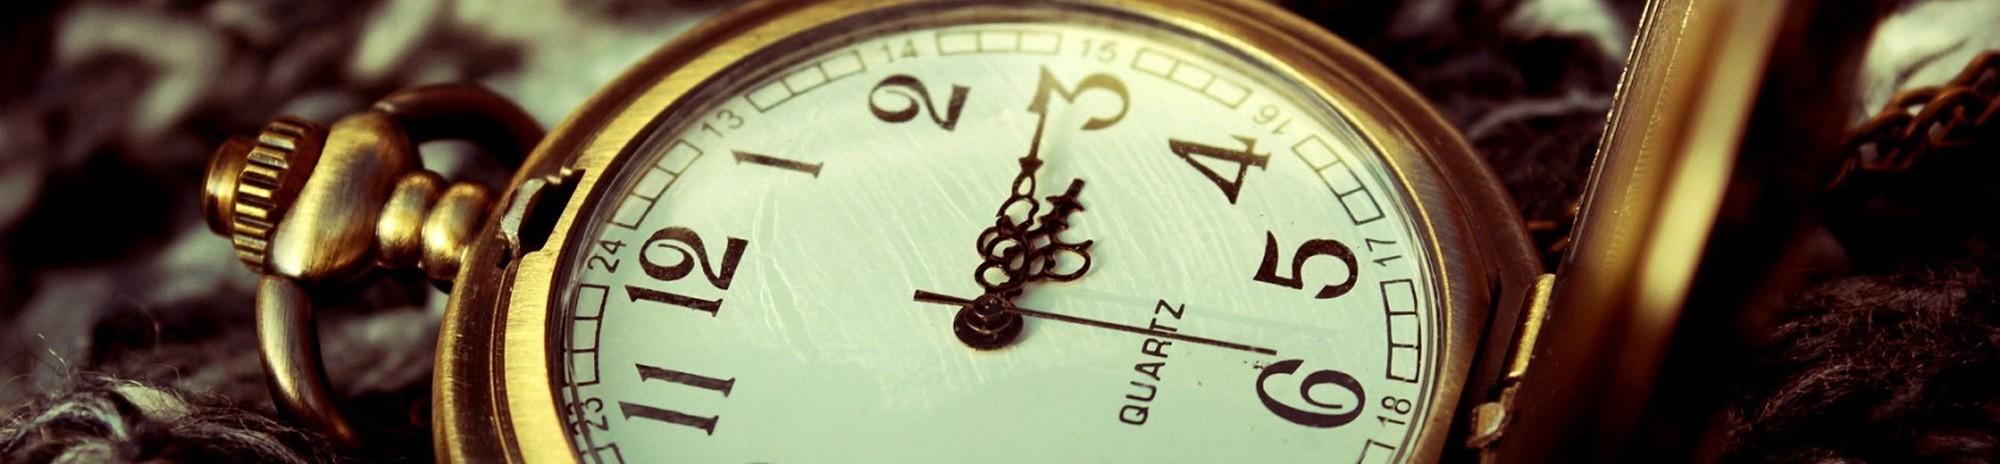 Dicas Relógios Antigos